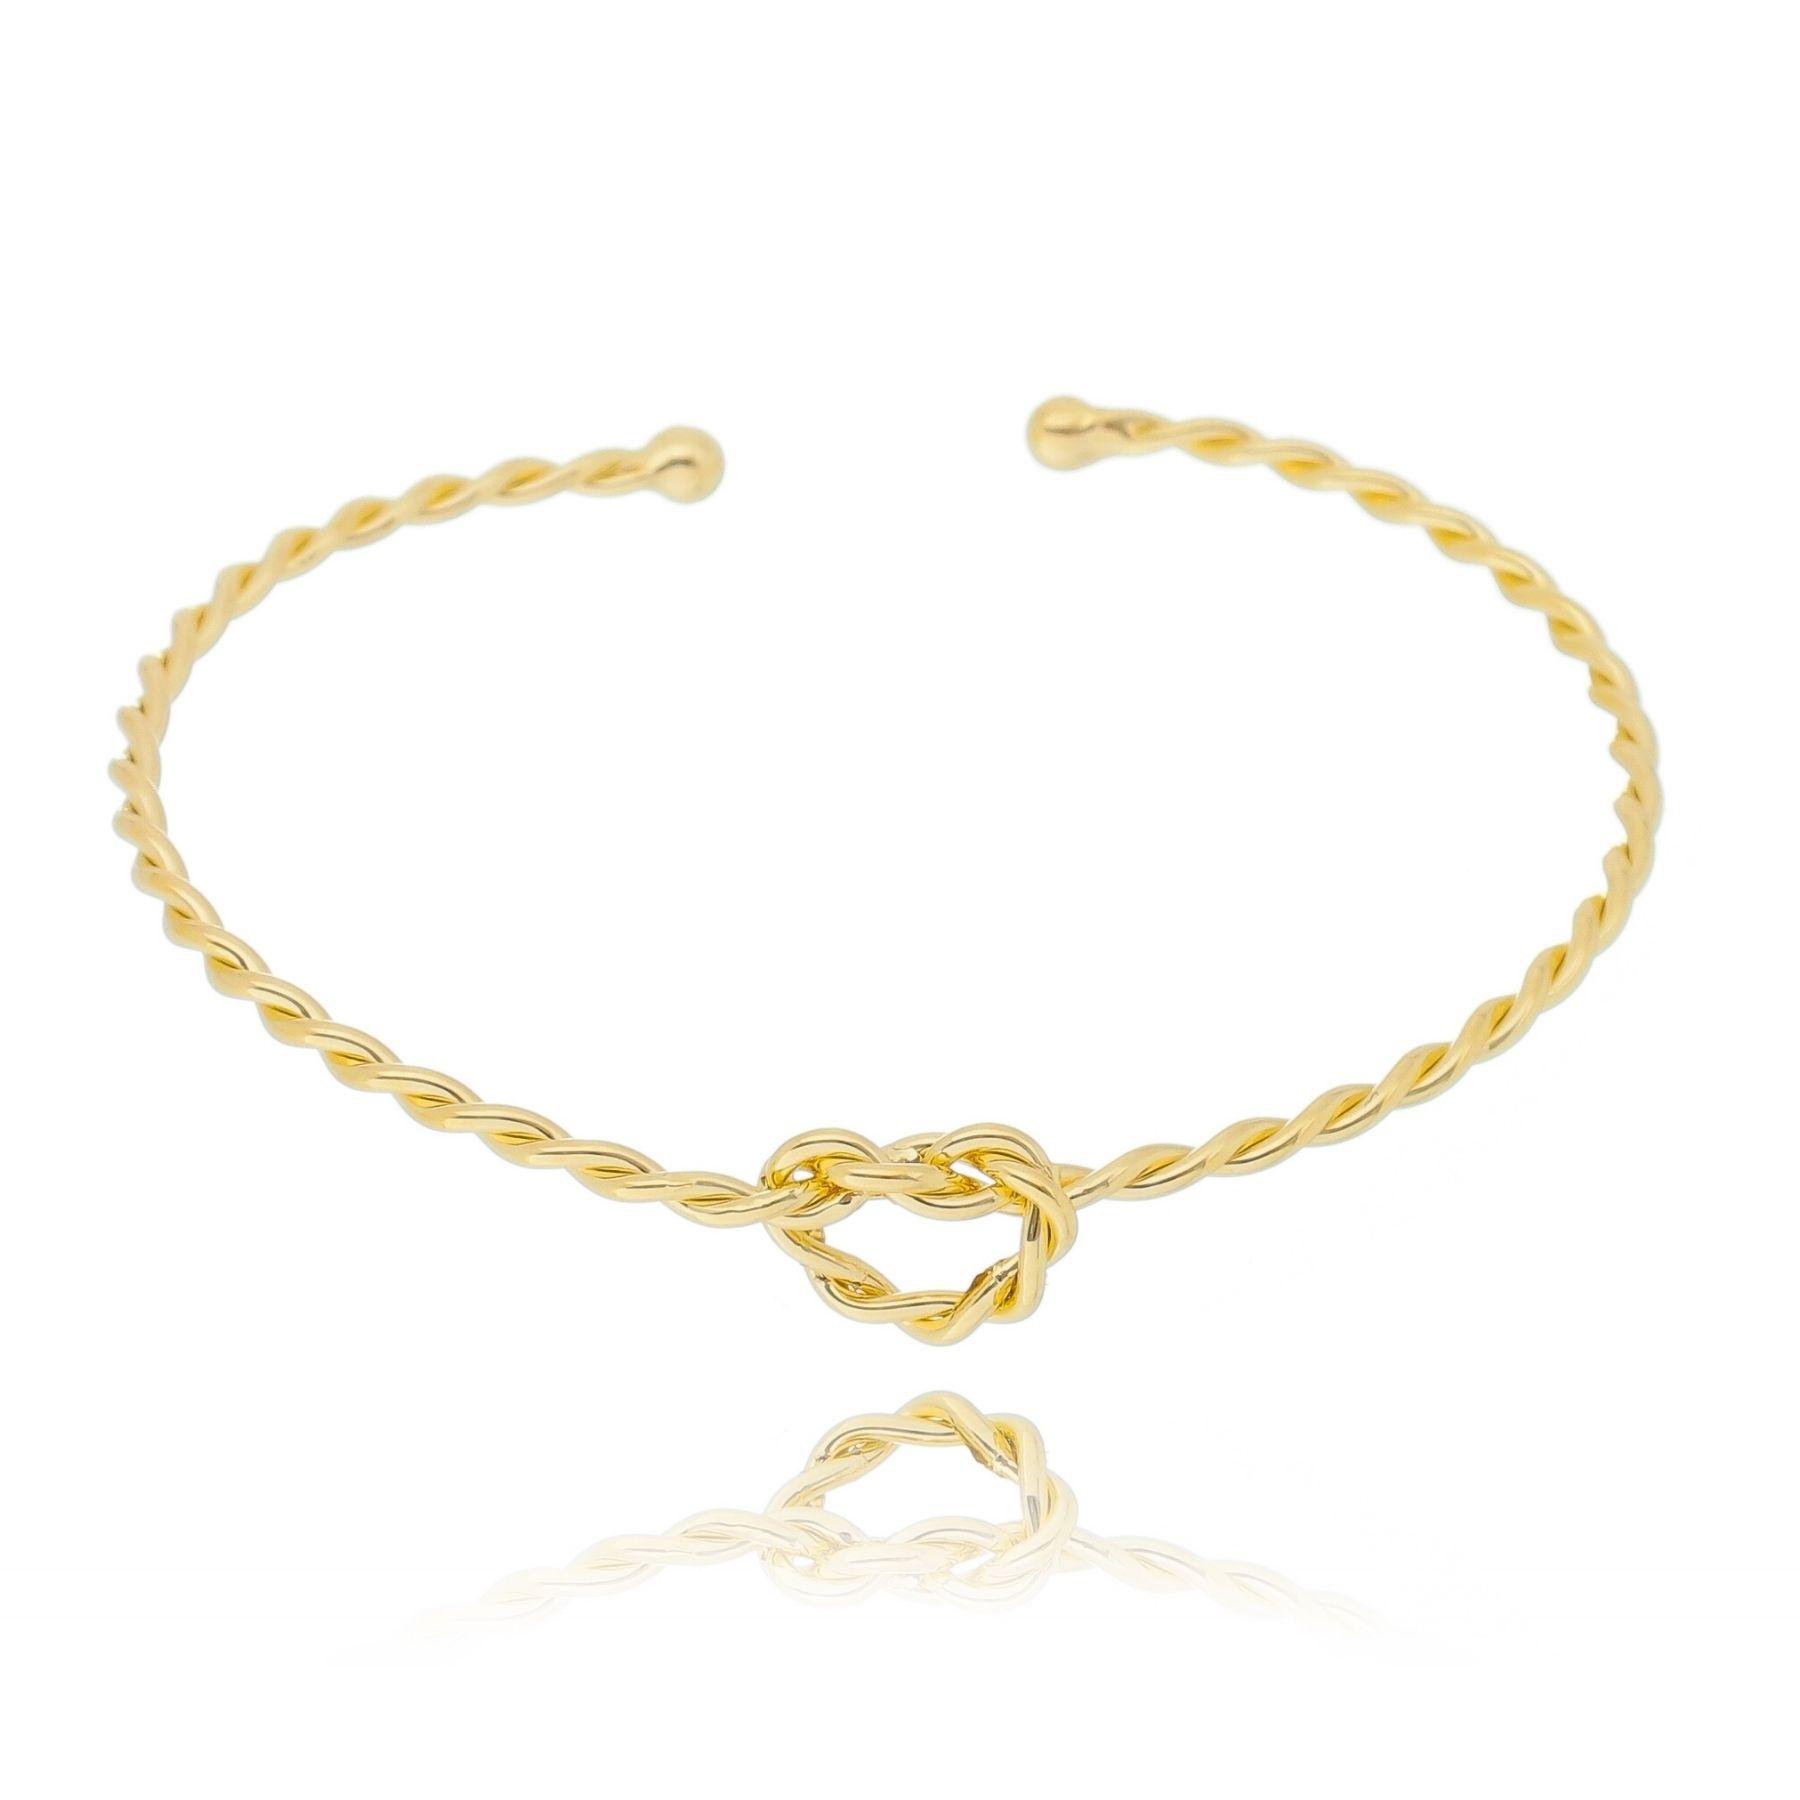 Bracelete aro aberto fino torcido com nó central banho ouro 18k